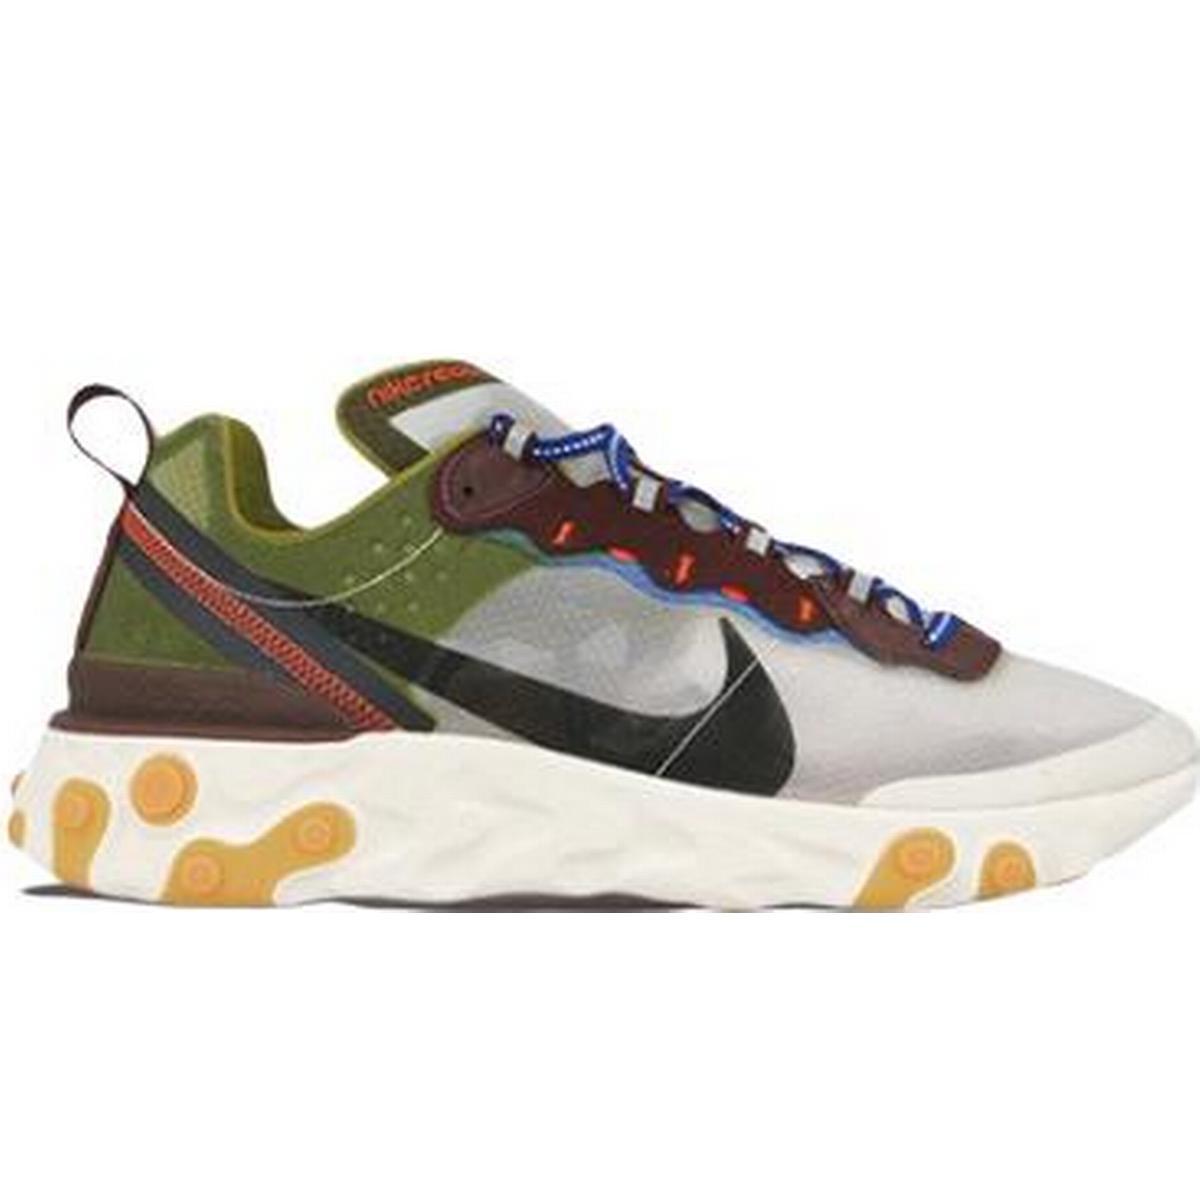 Nike Air Force 1 '07 Damen Weiß Billig Marken Schuhe Damen